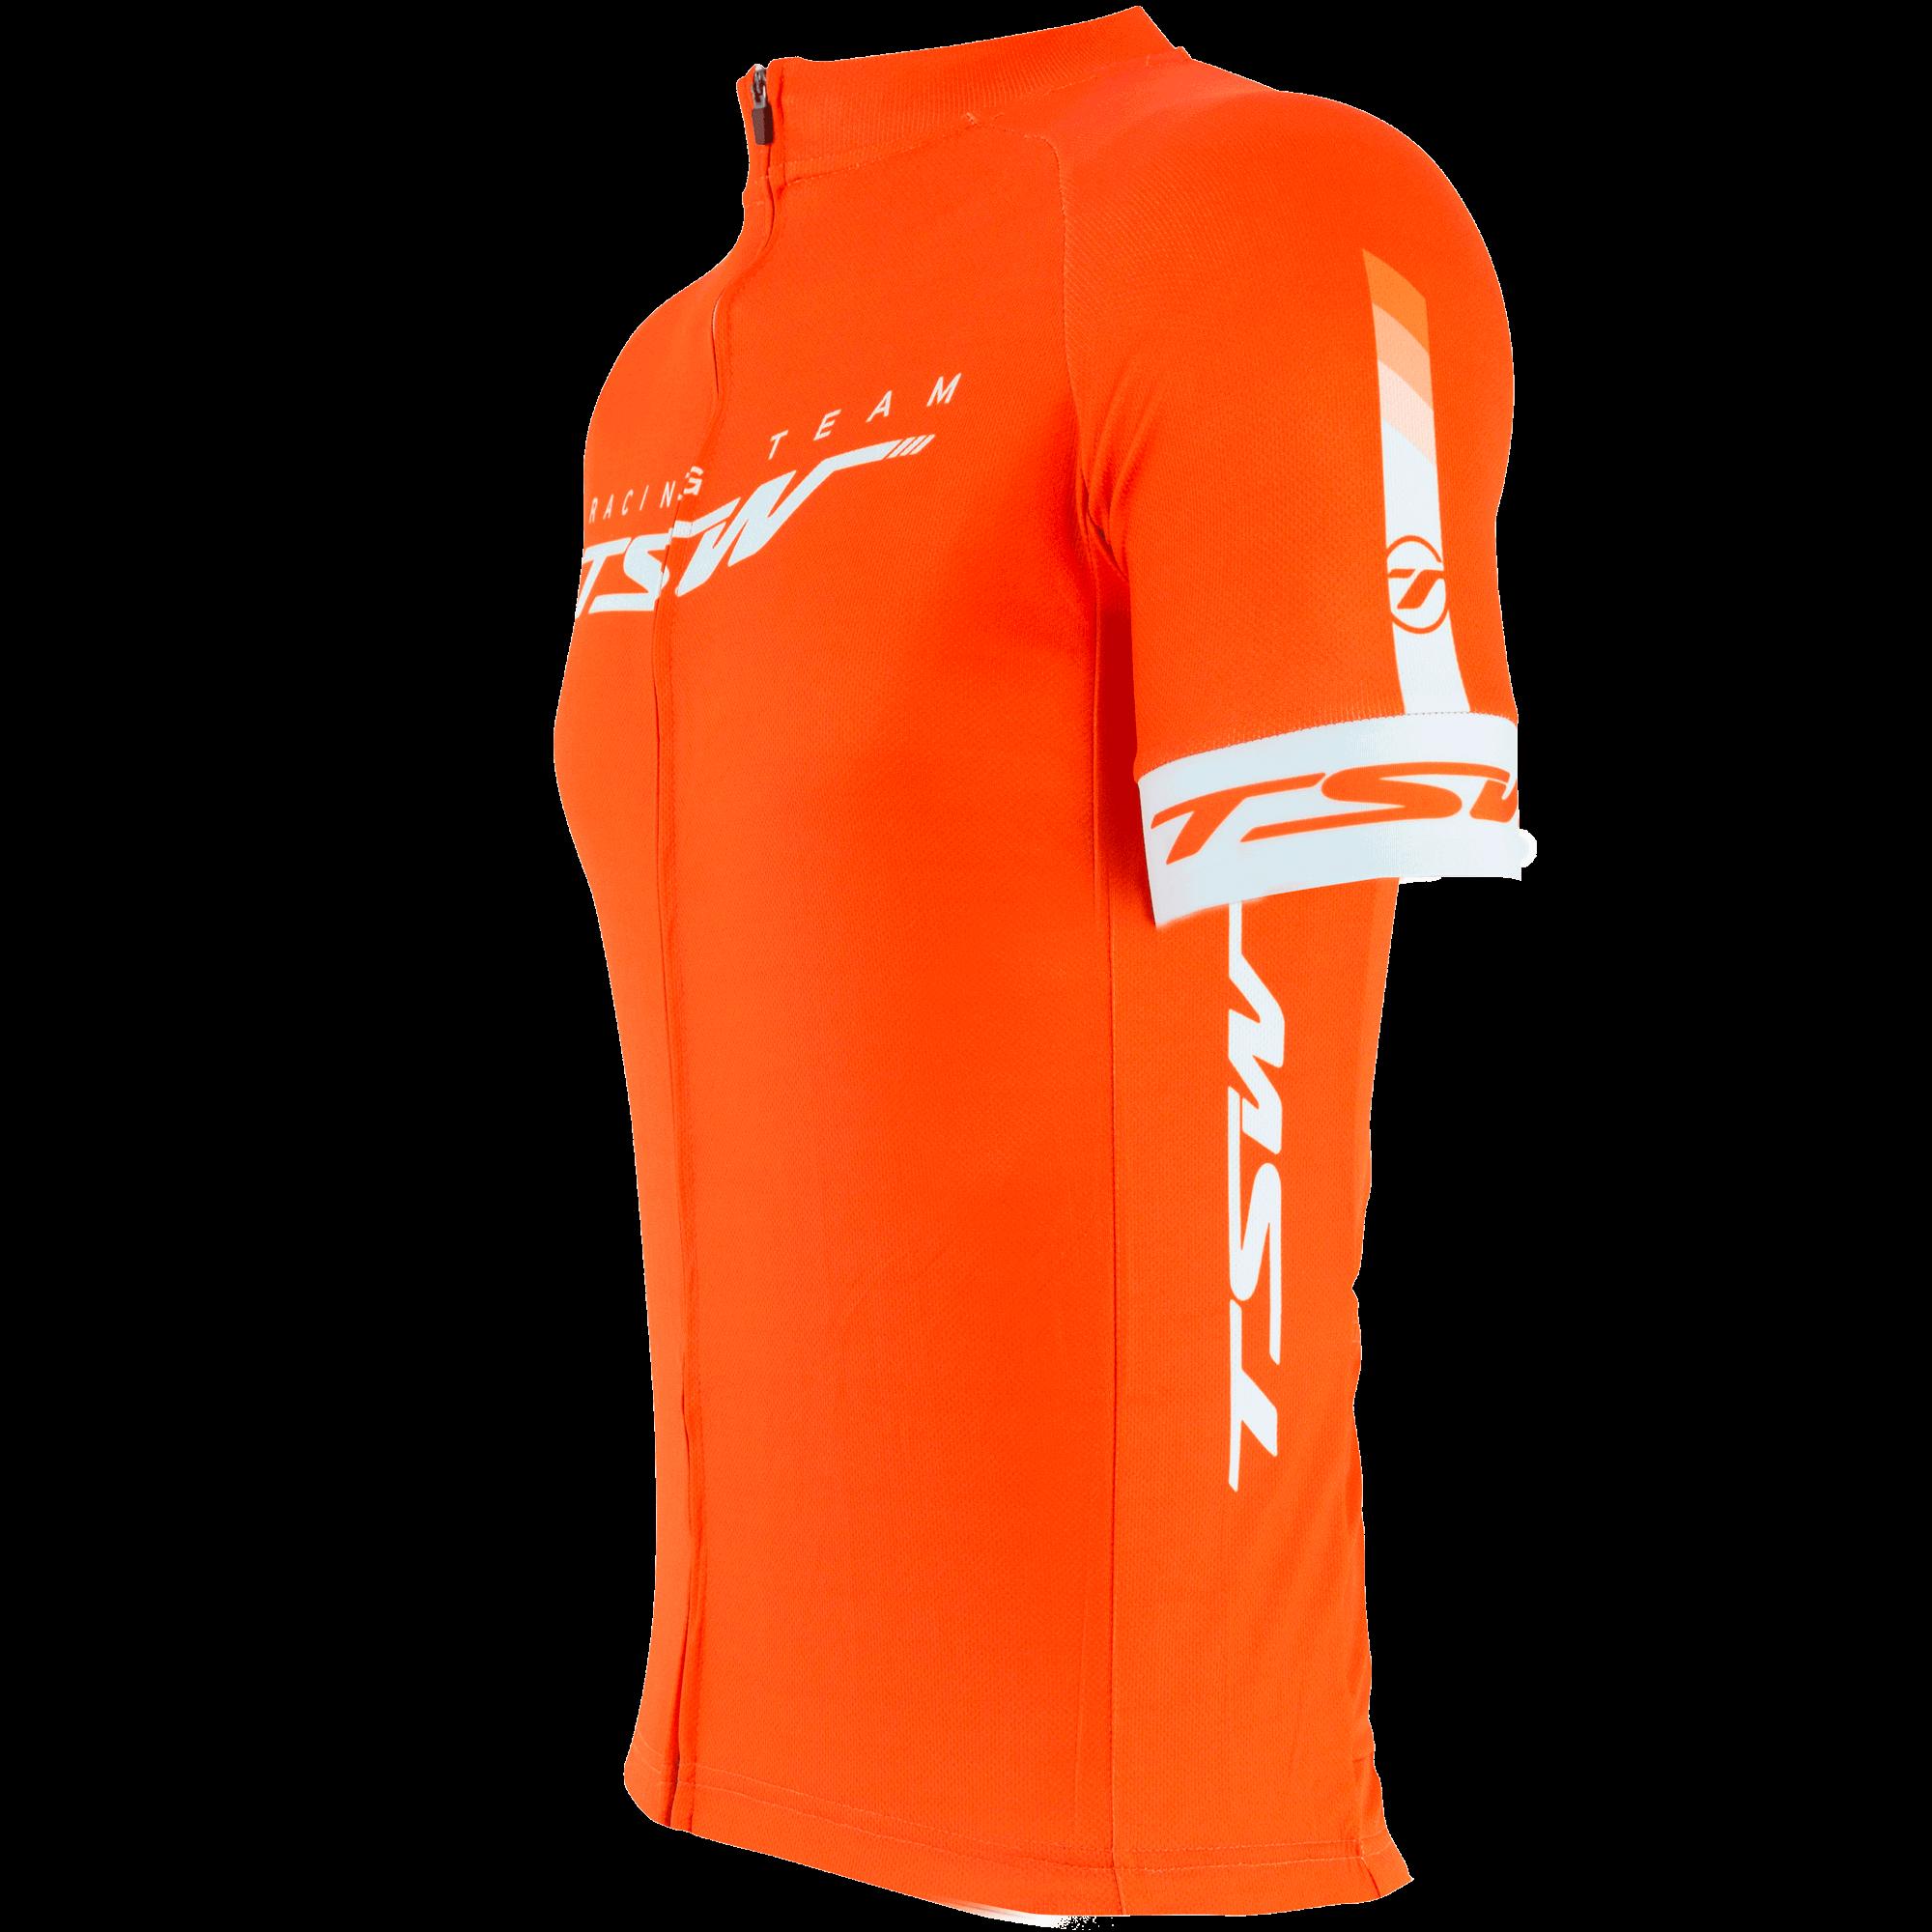 10783-10784-10785-camisa-laranja-proline-side